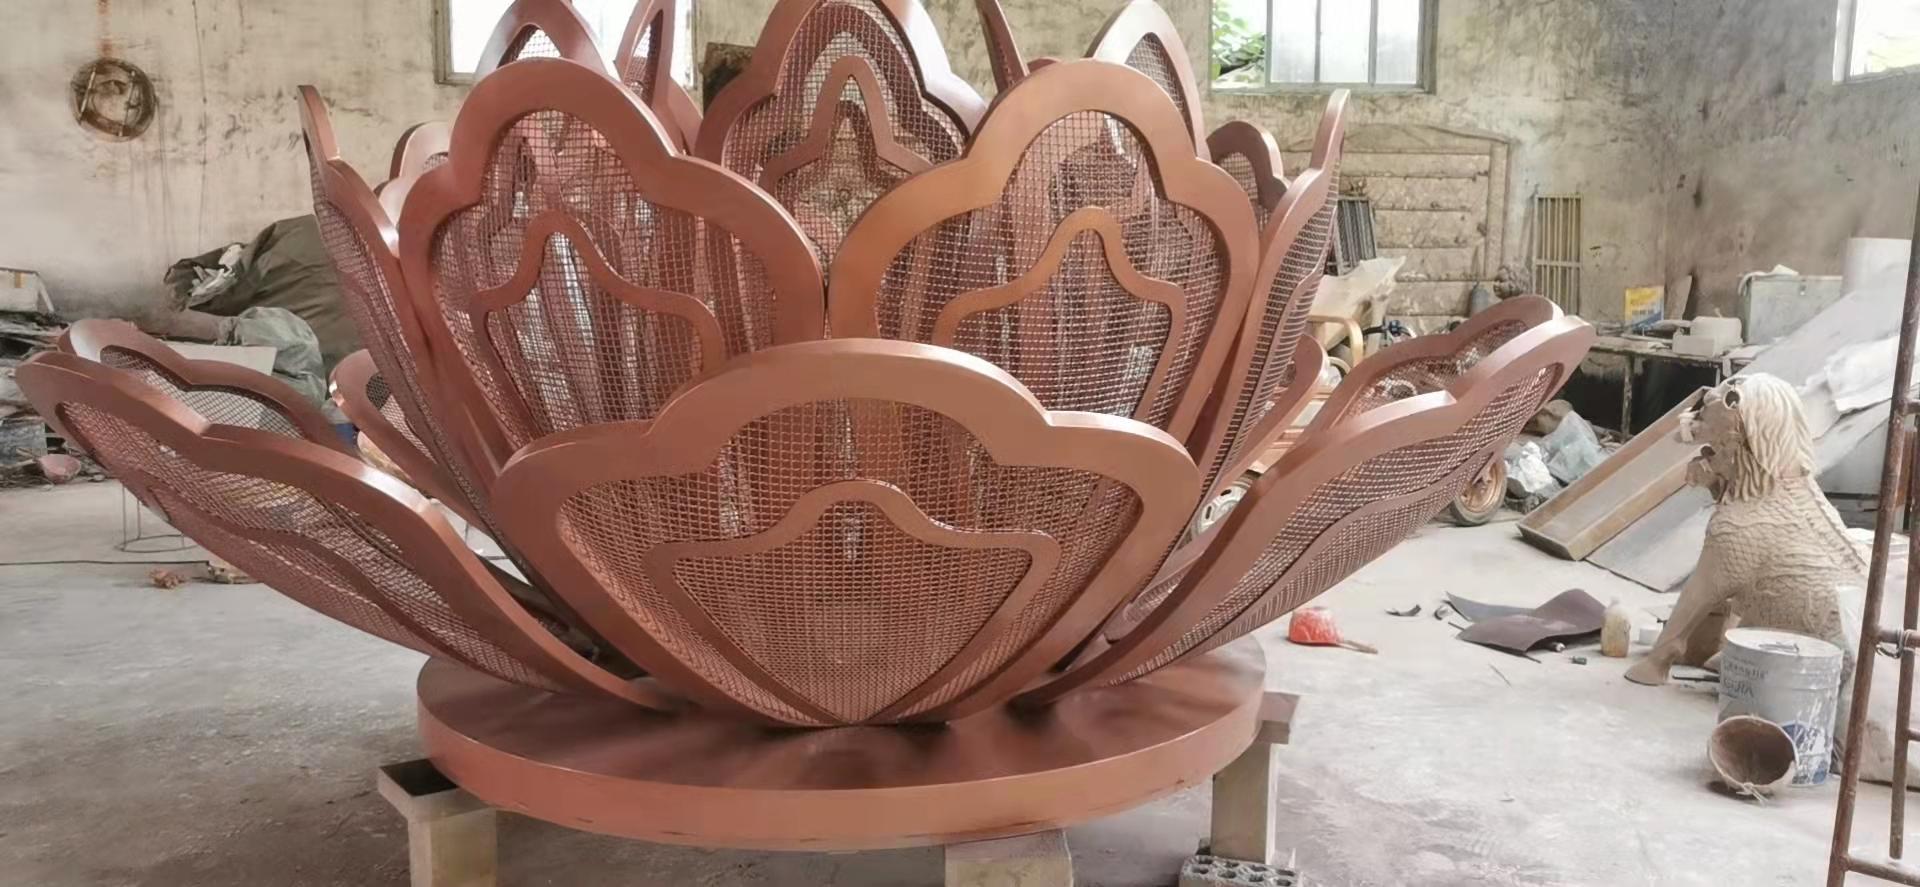 河南不锈钢雕塑制作